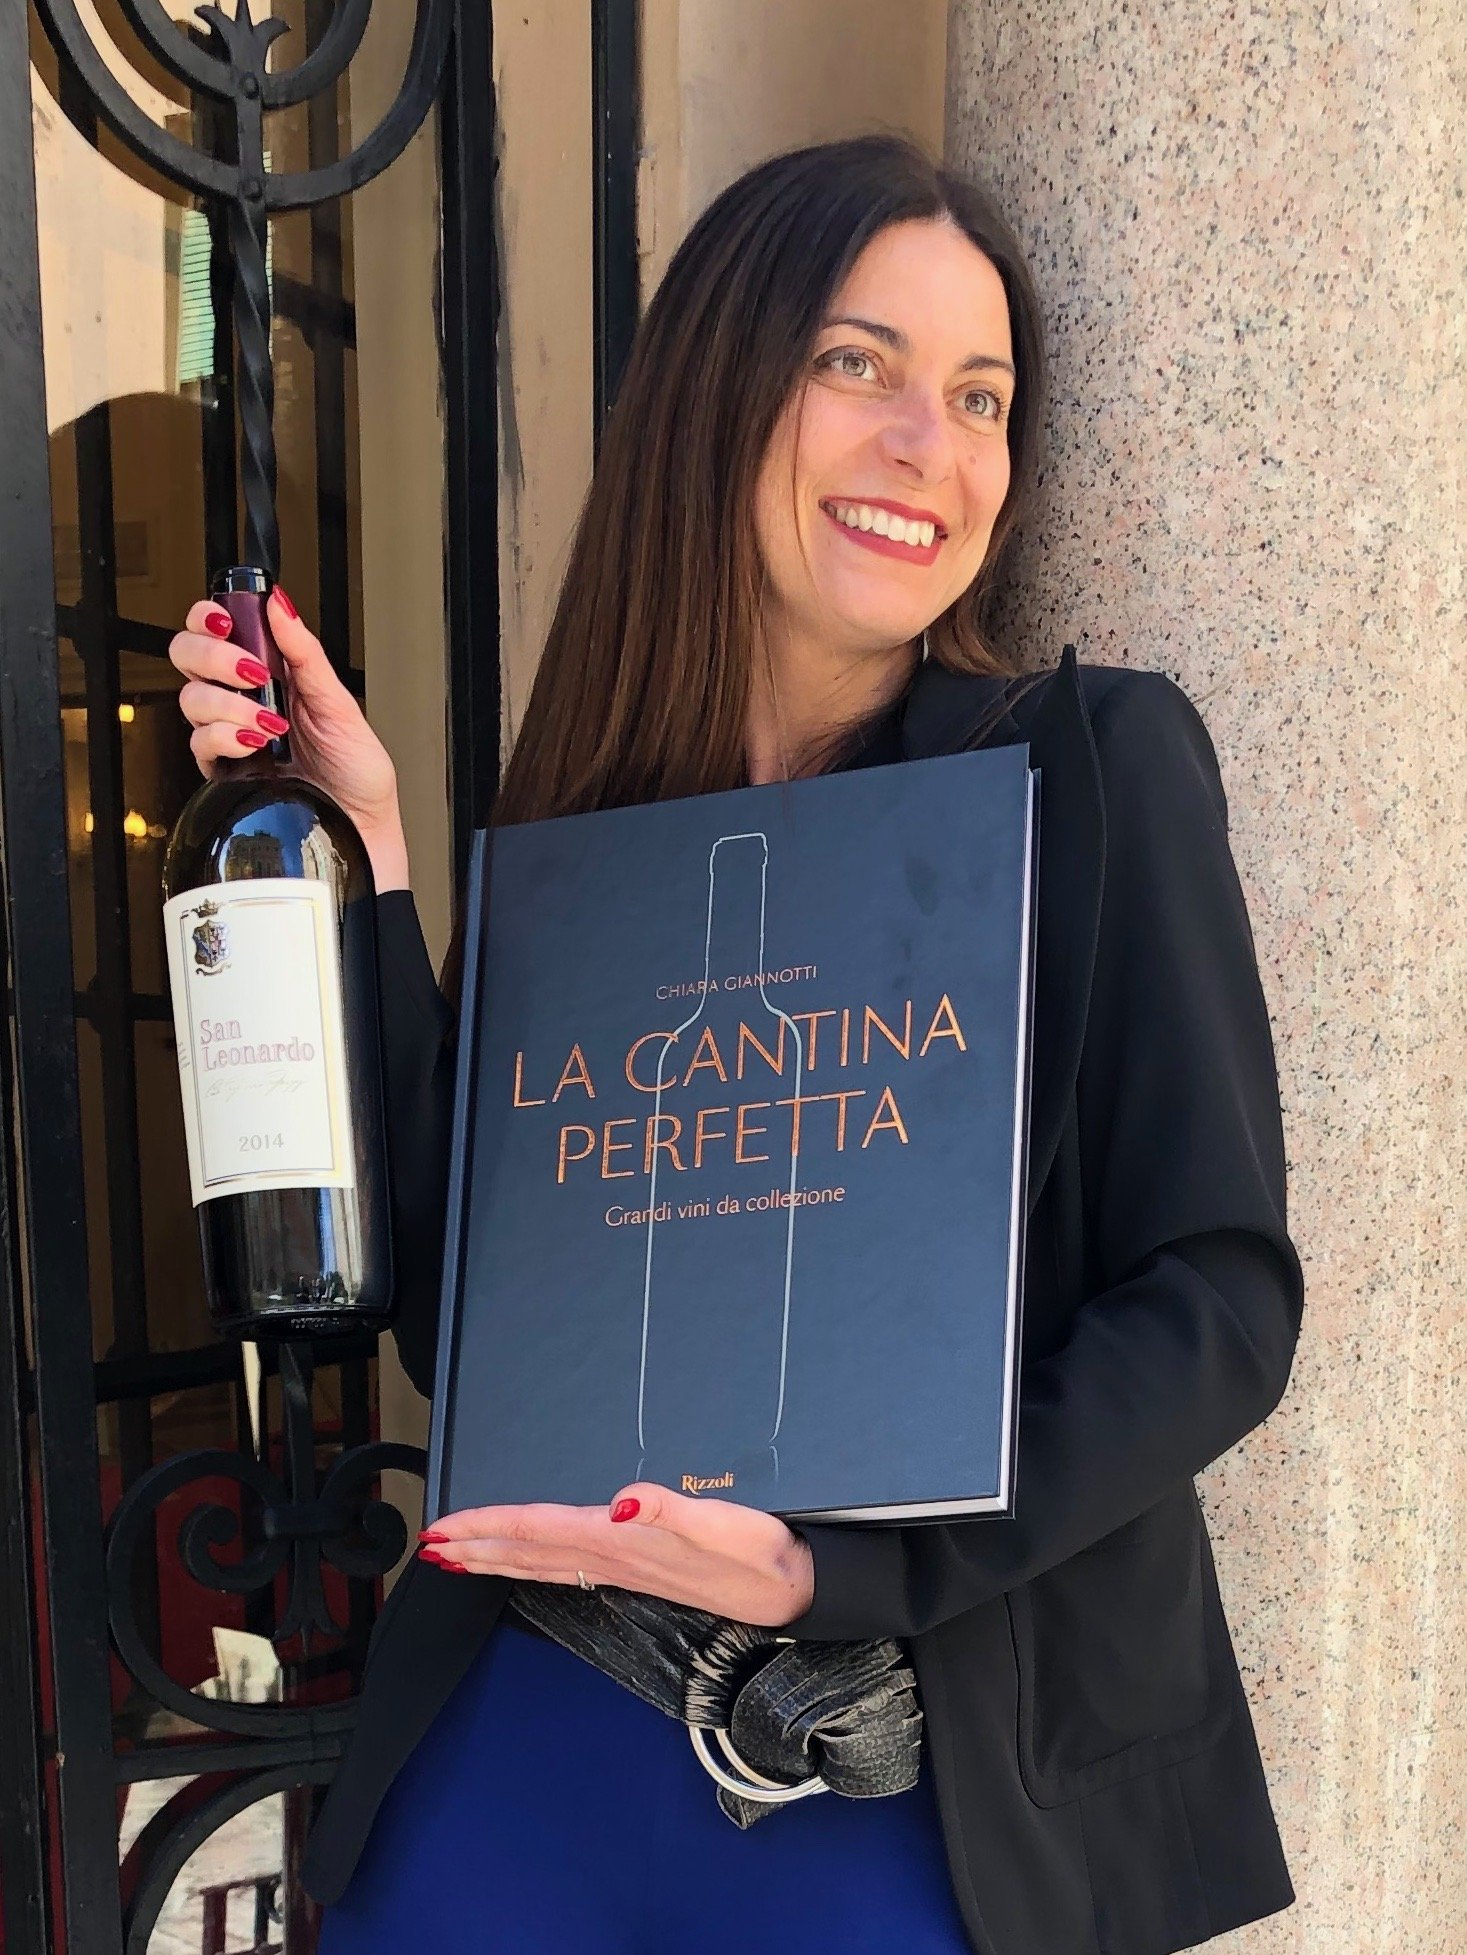 Chiara Giannotti, Il San Leonardo... e La Cantina Perfetta